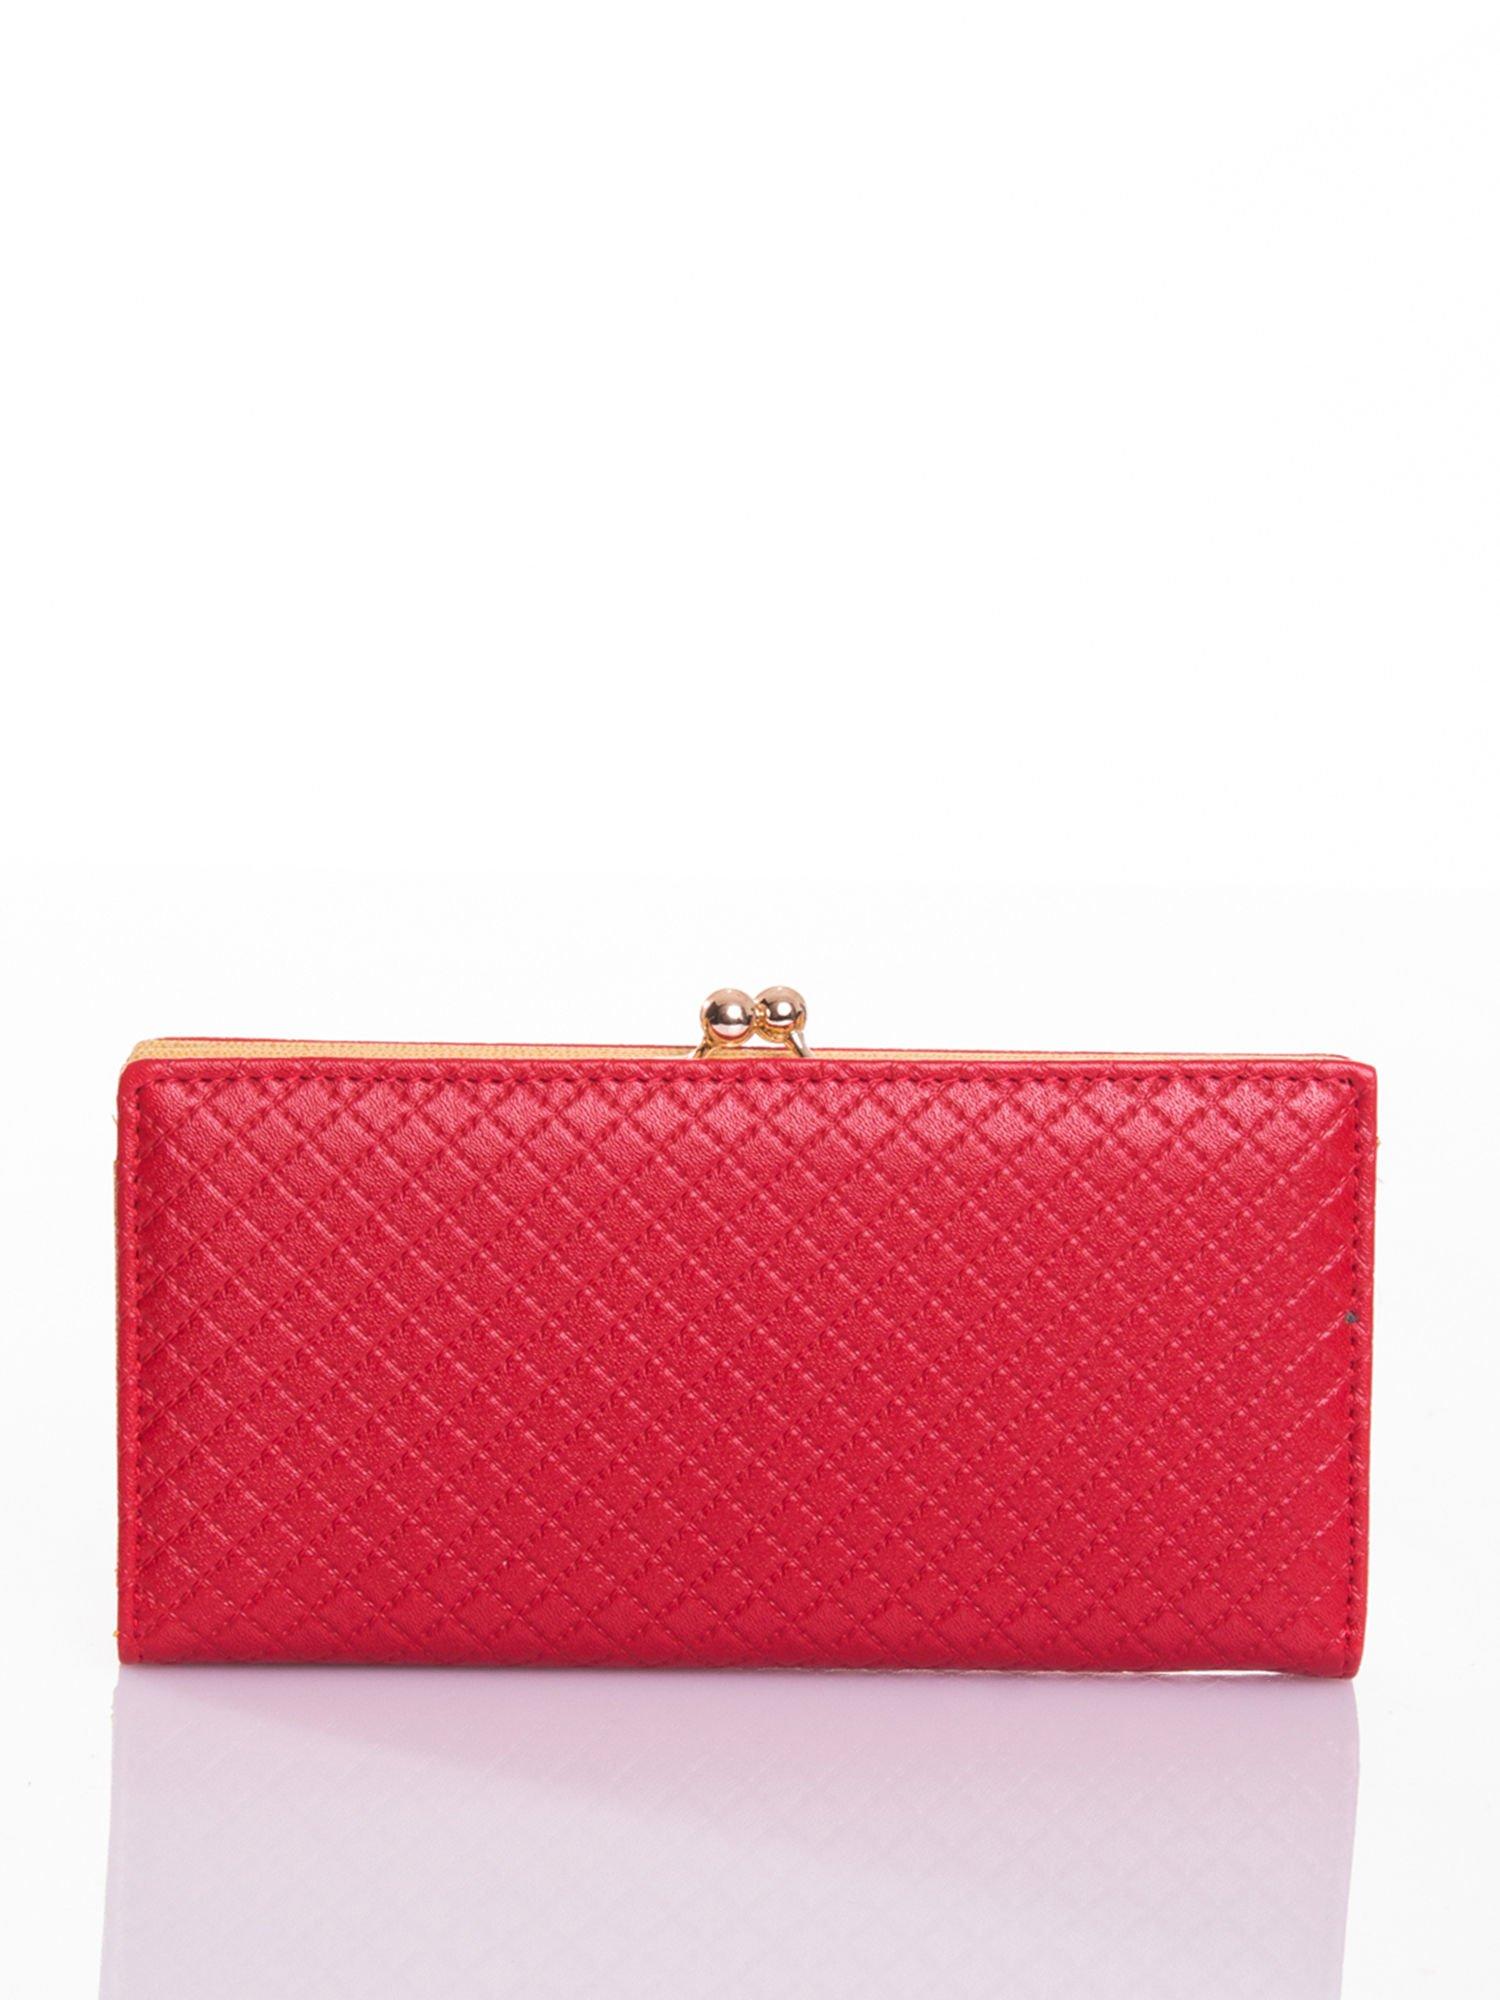 Czerwony elegancki portfel na bigiel                                  zdj.                                  1